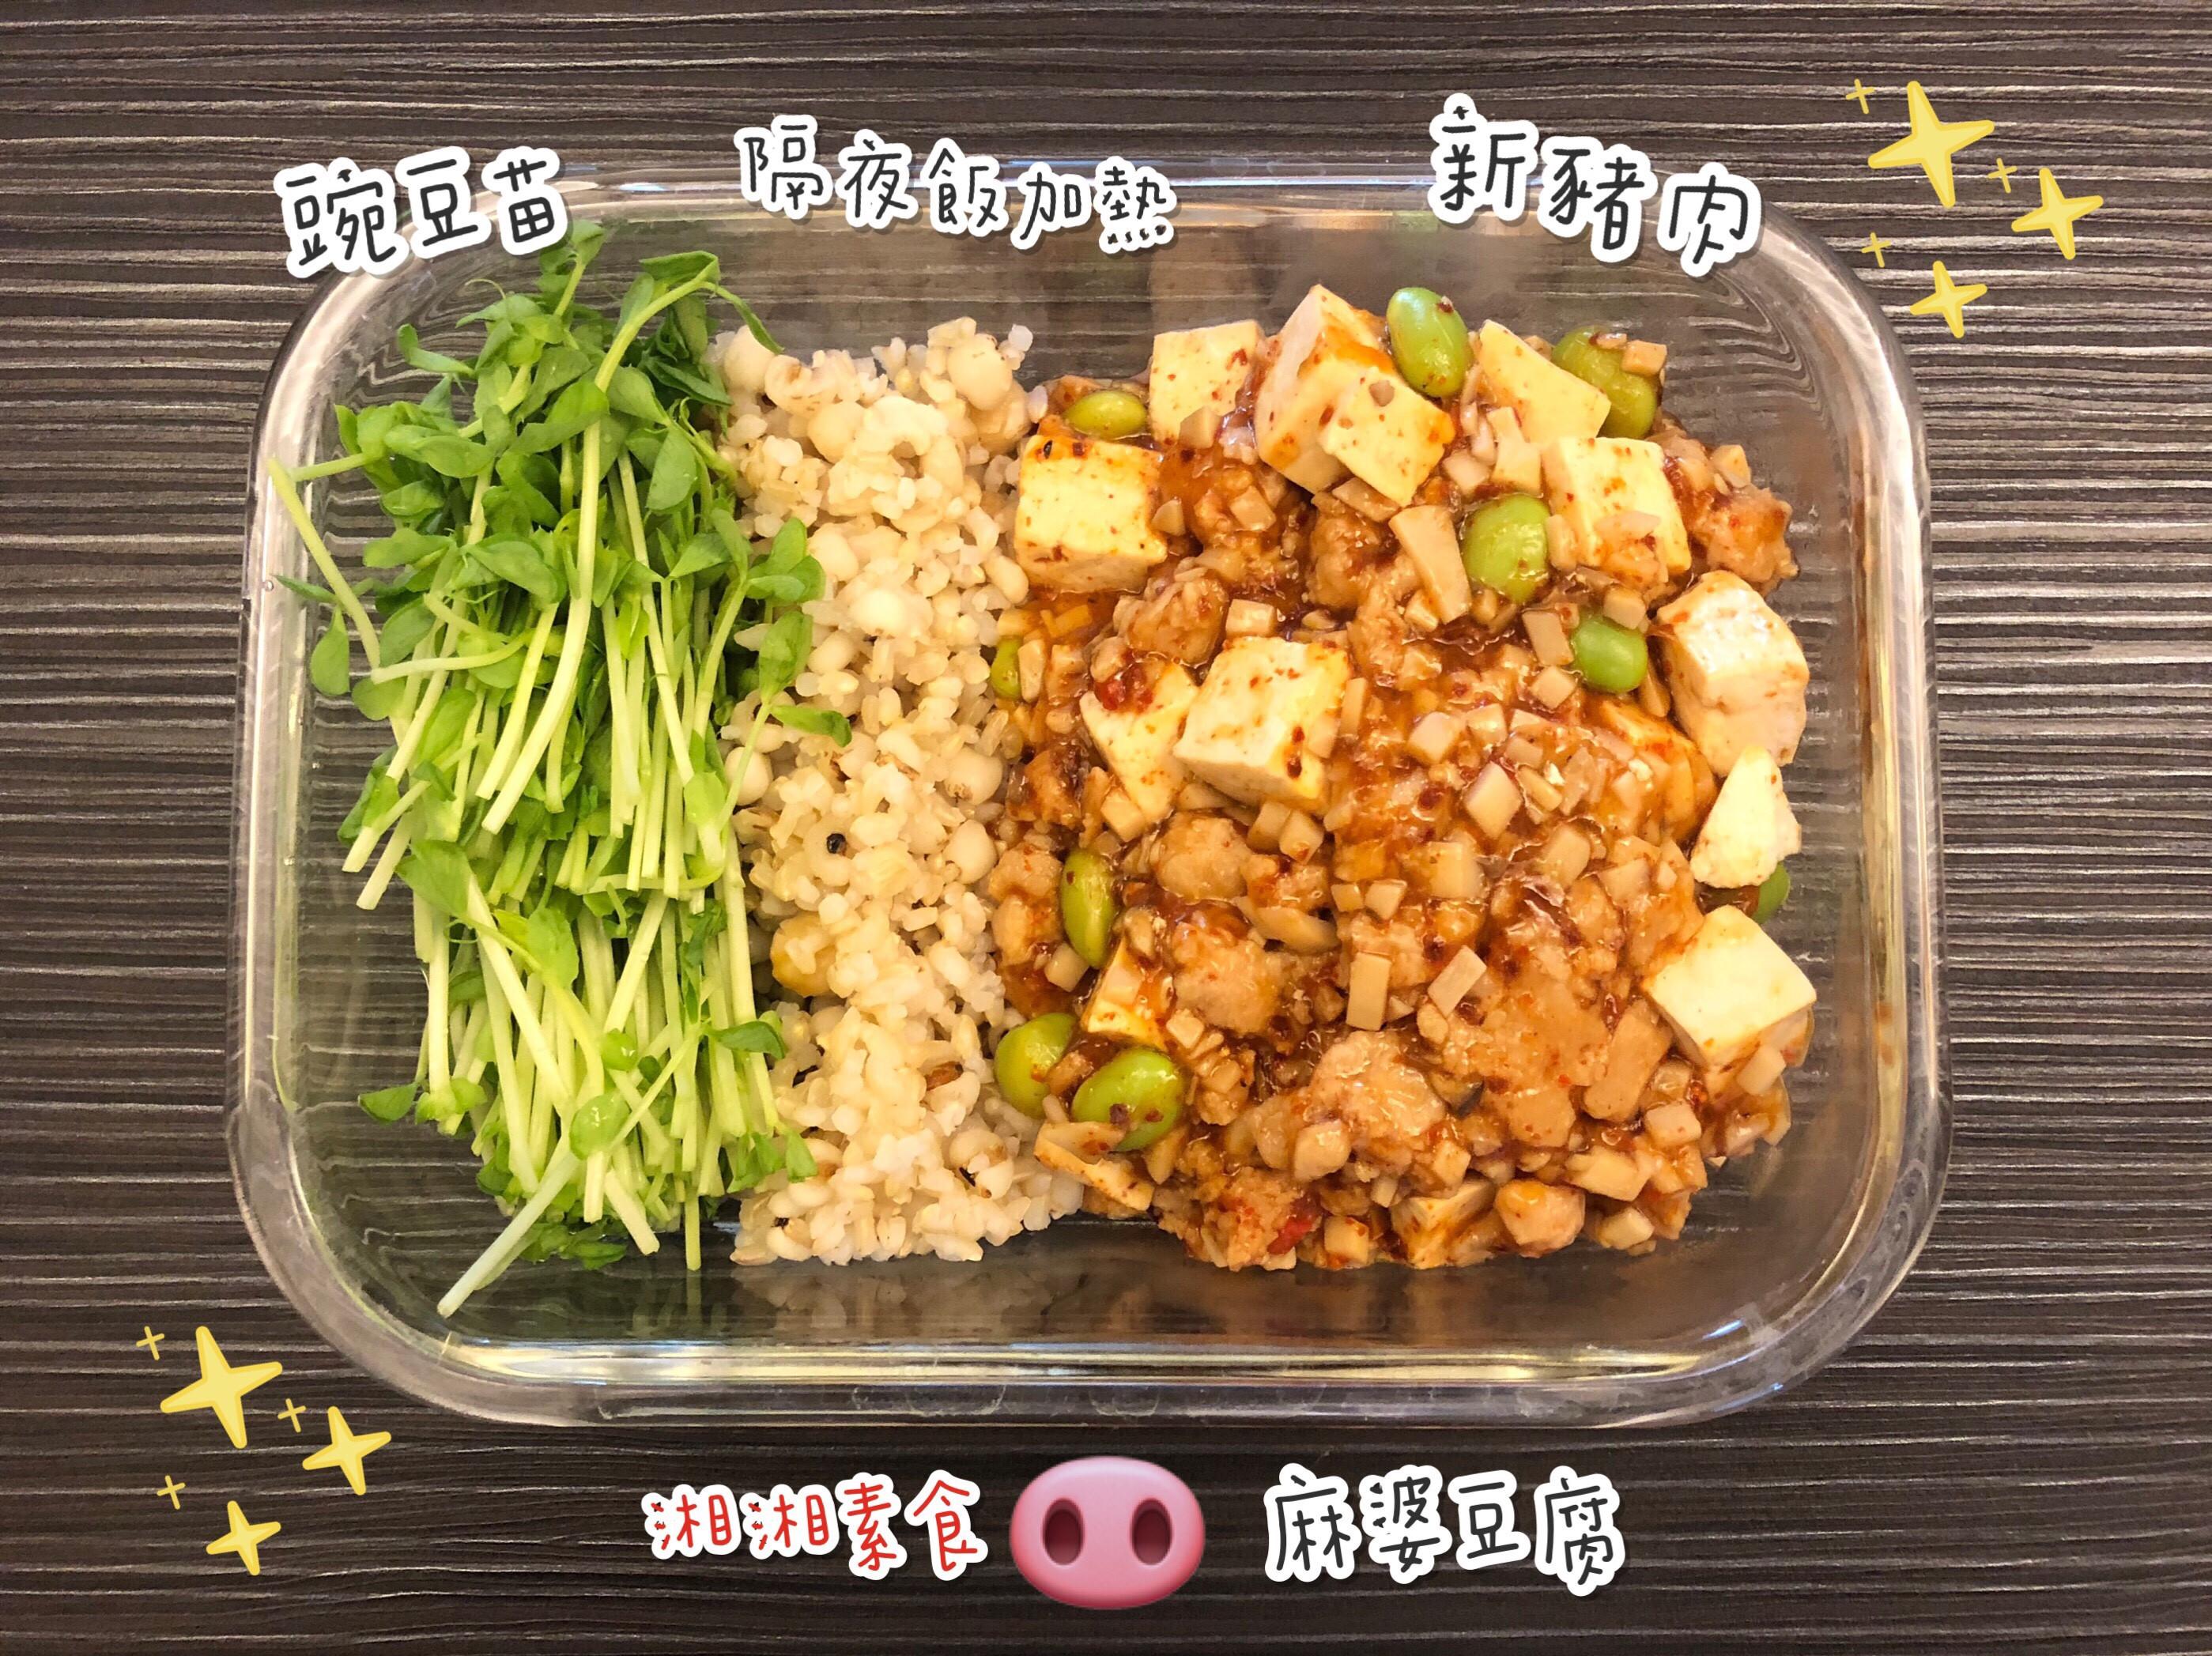 新豬肉麻婆豆腐/純素